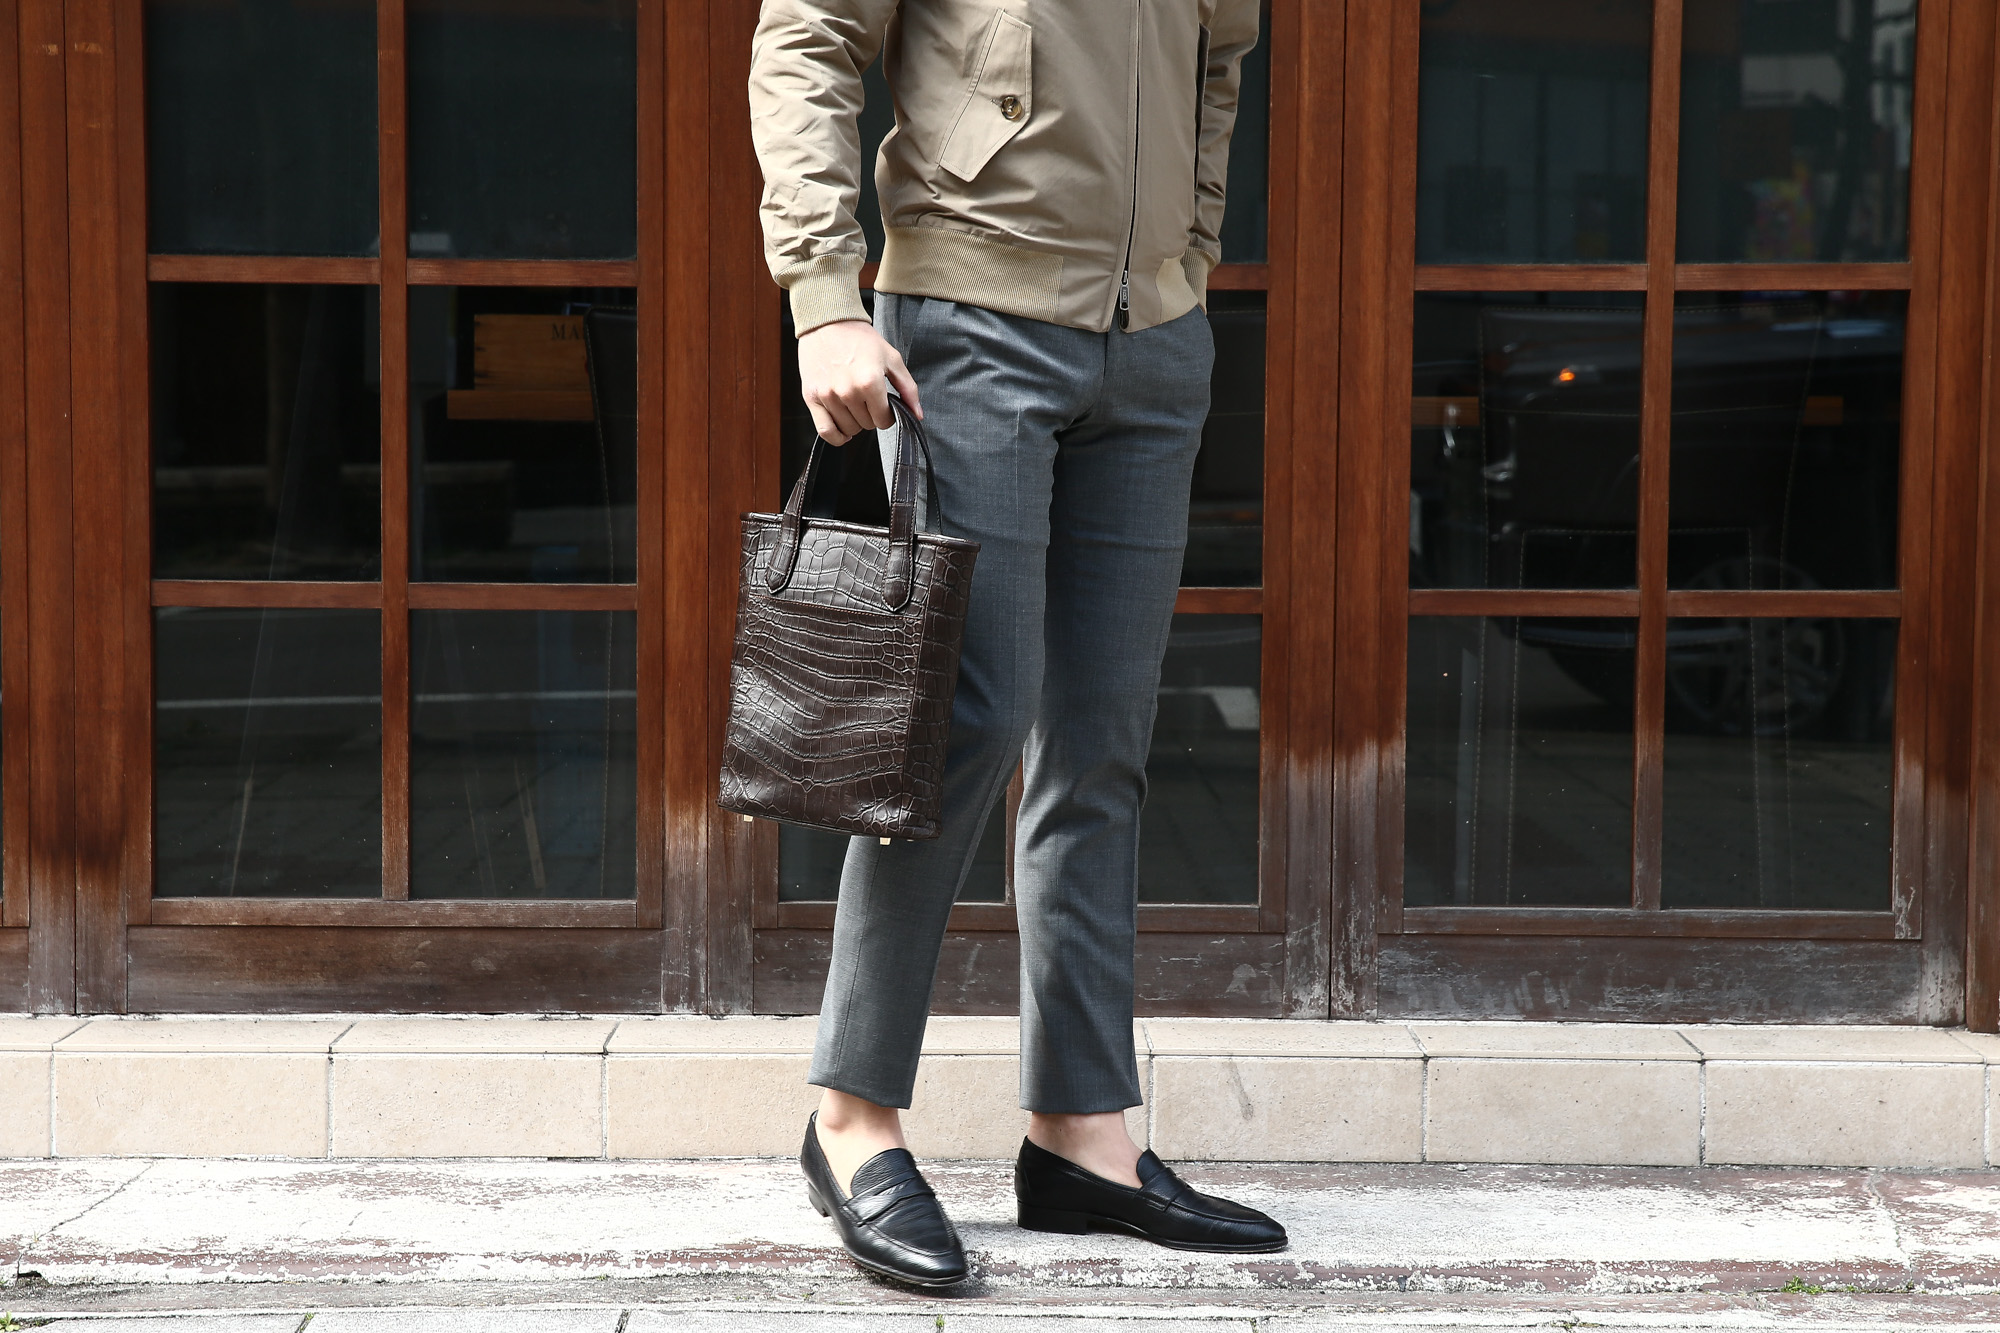 Cisei × 山本製鞄 (シセイ × 山本製鞄) Crocodile Tote Bag Small (クロコダイル トートバッグ スモール) Nile Crocodile Leather (ワニ革) ナイル クロコダイル トート バッグ BLACK(ブラック),NAVY(ネイビー),BROWN(ブラウン) Made in Japan (日本製) cisei yamamotoseiho トートバック クロコ 愛知 名古屋